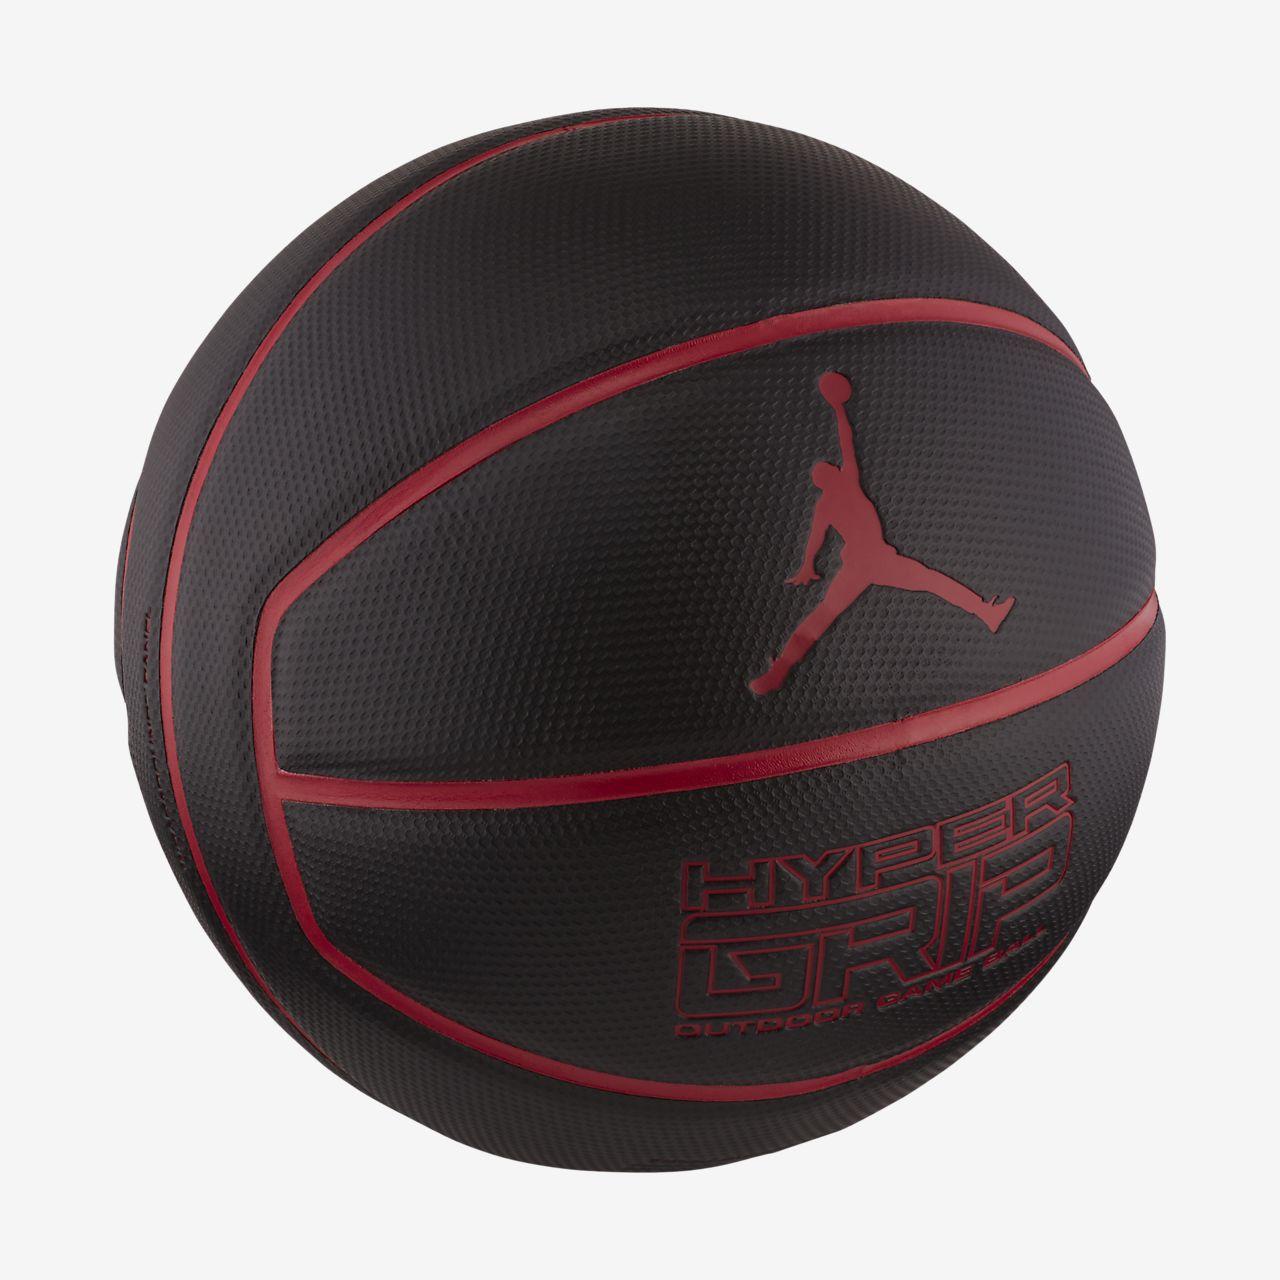 ジョーダン ハイパーグリップ 4P バスケットボール